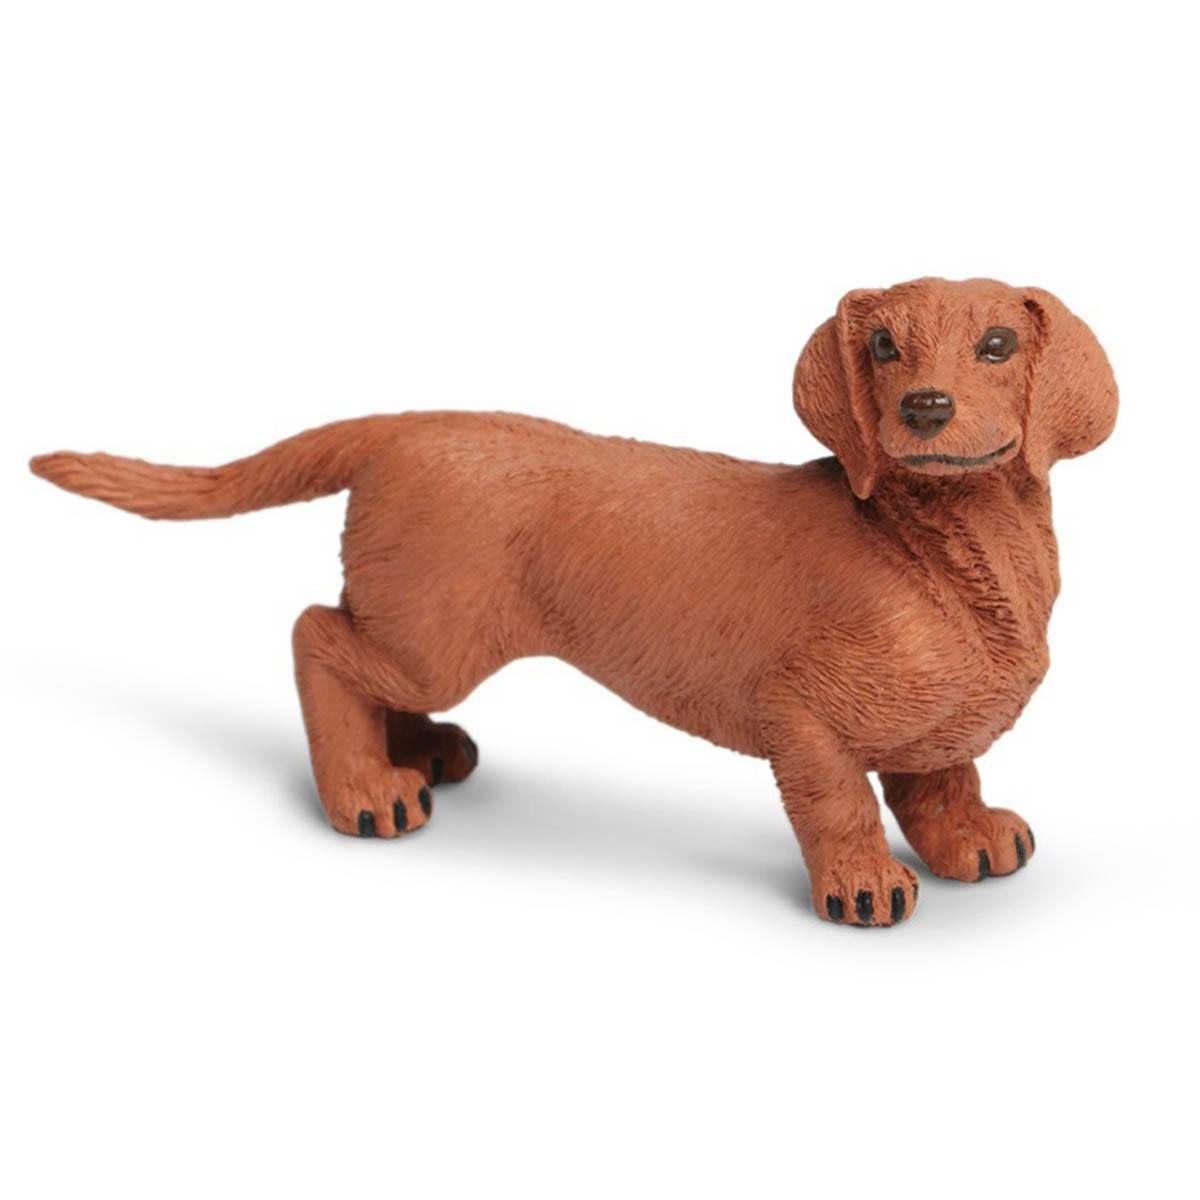 Dachshund Best In Show Dogs Figure Safari Ltd Dog Replica